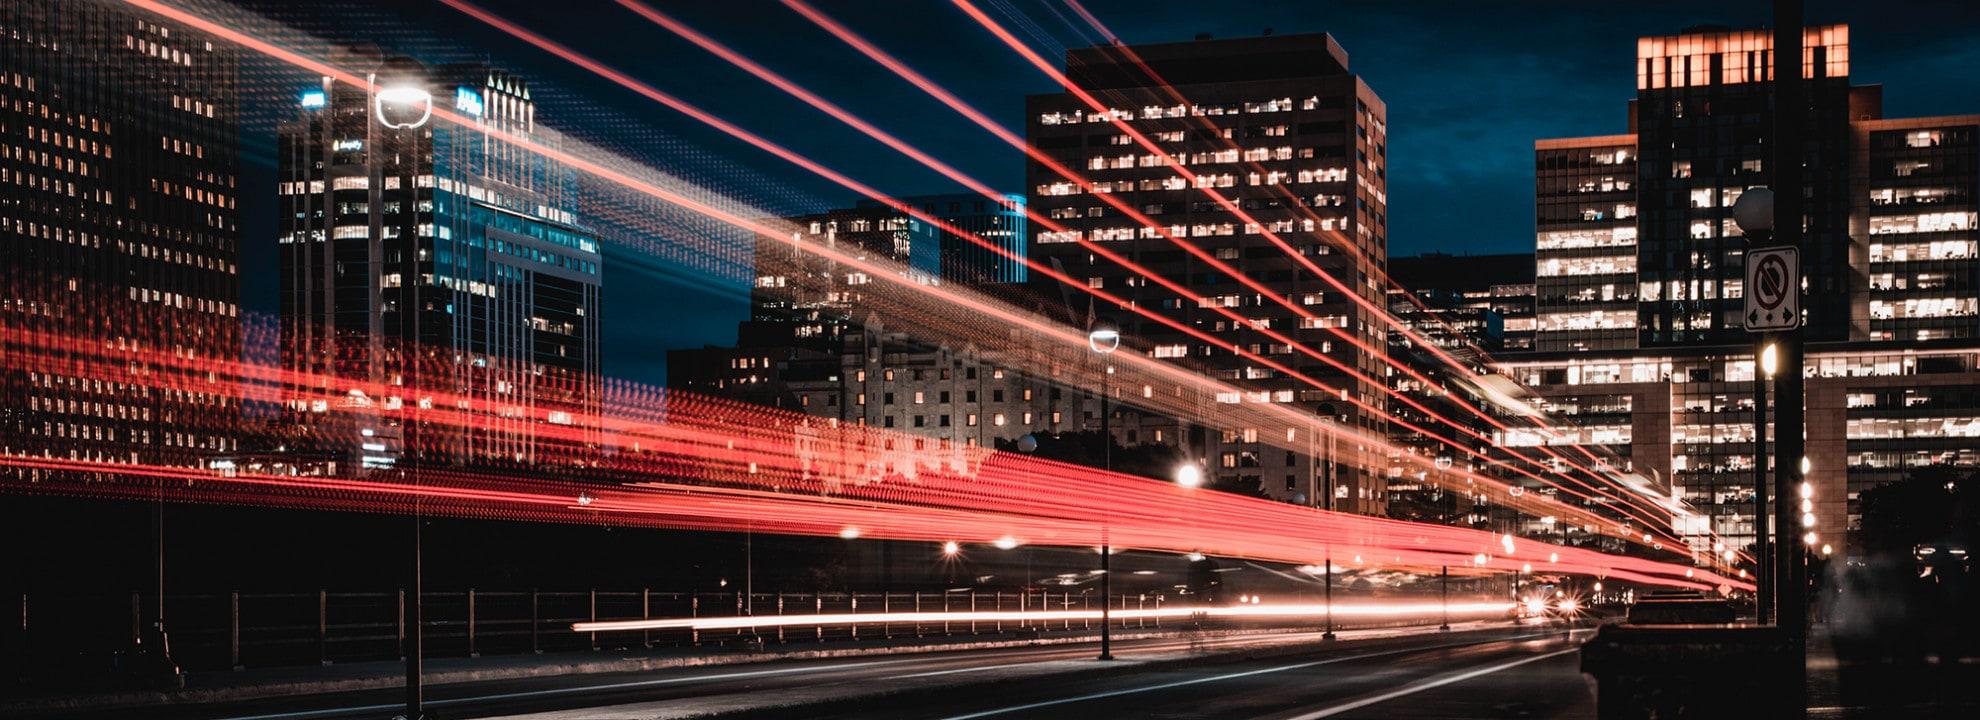 Zeitraffer einer Straße bei Nacht